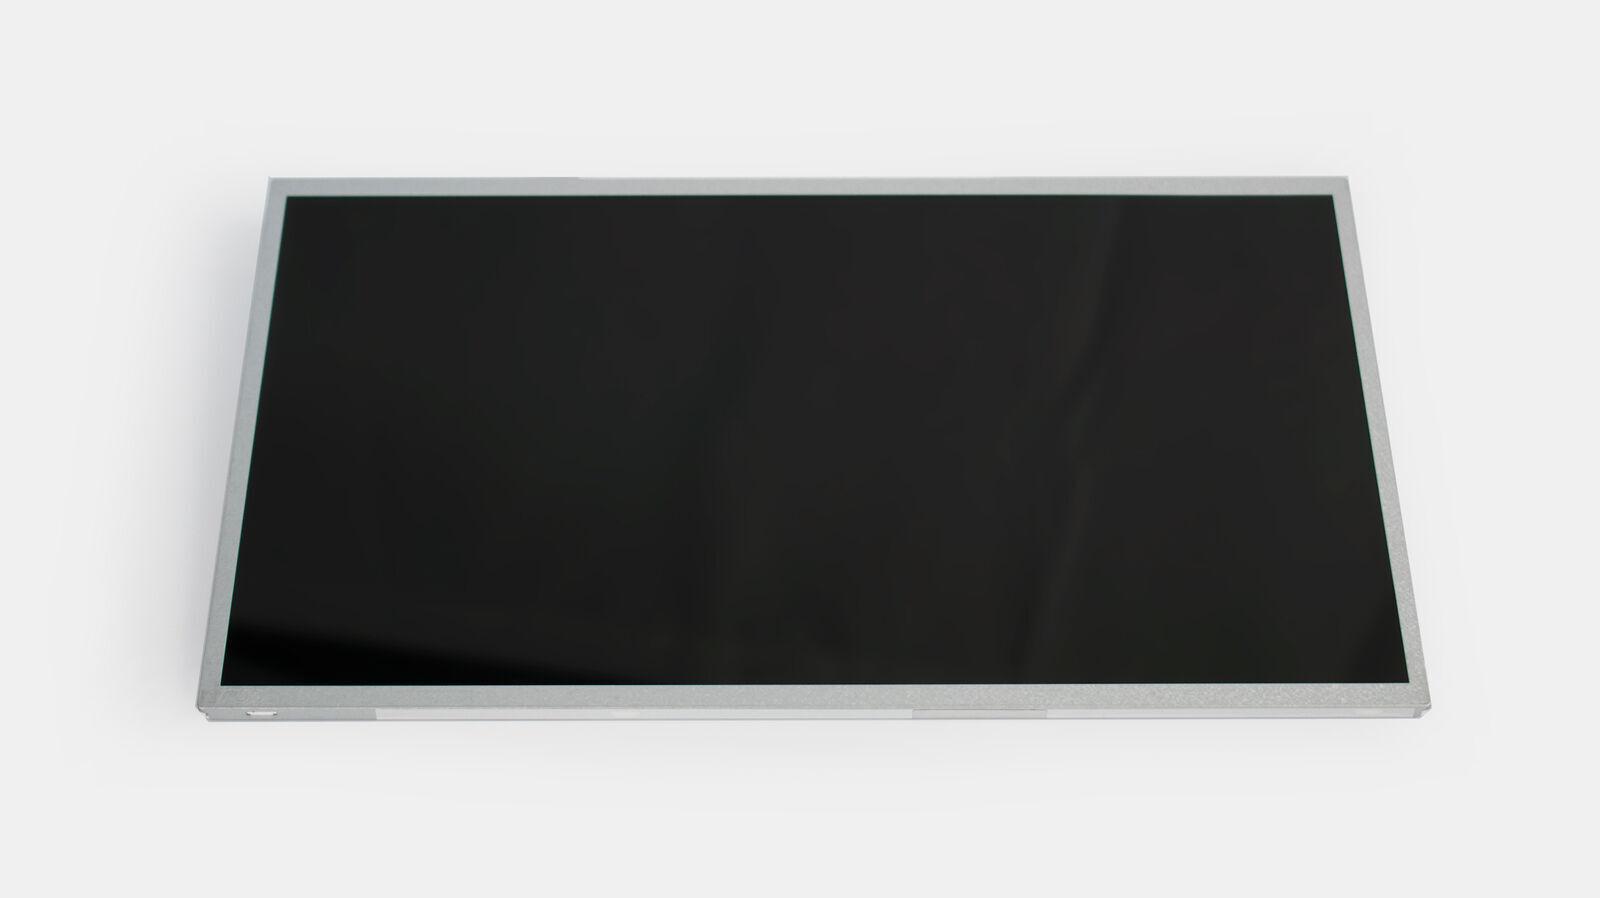 """Samsung LTN140AT26-201 14/"""" 1366x768 Matte Laptop Screen"""